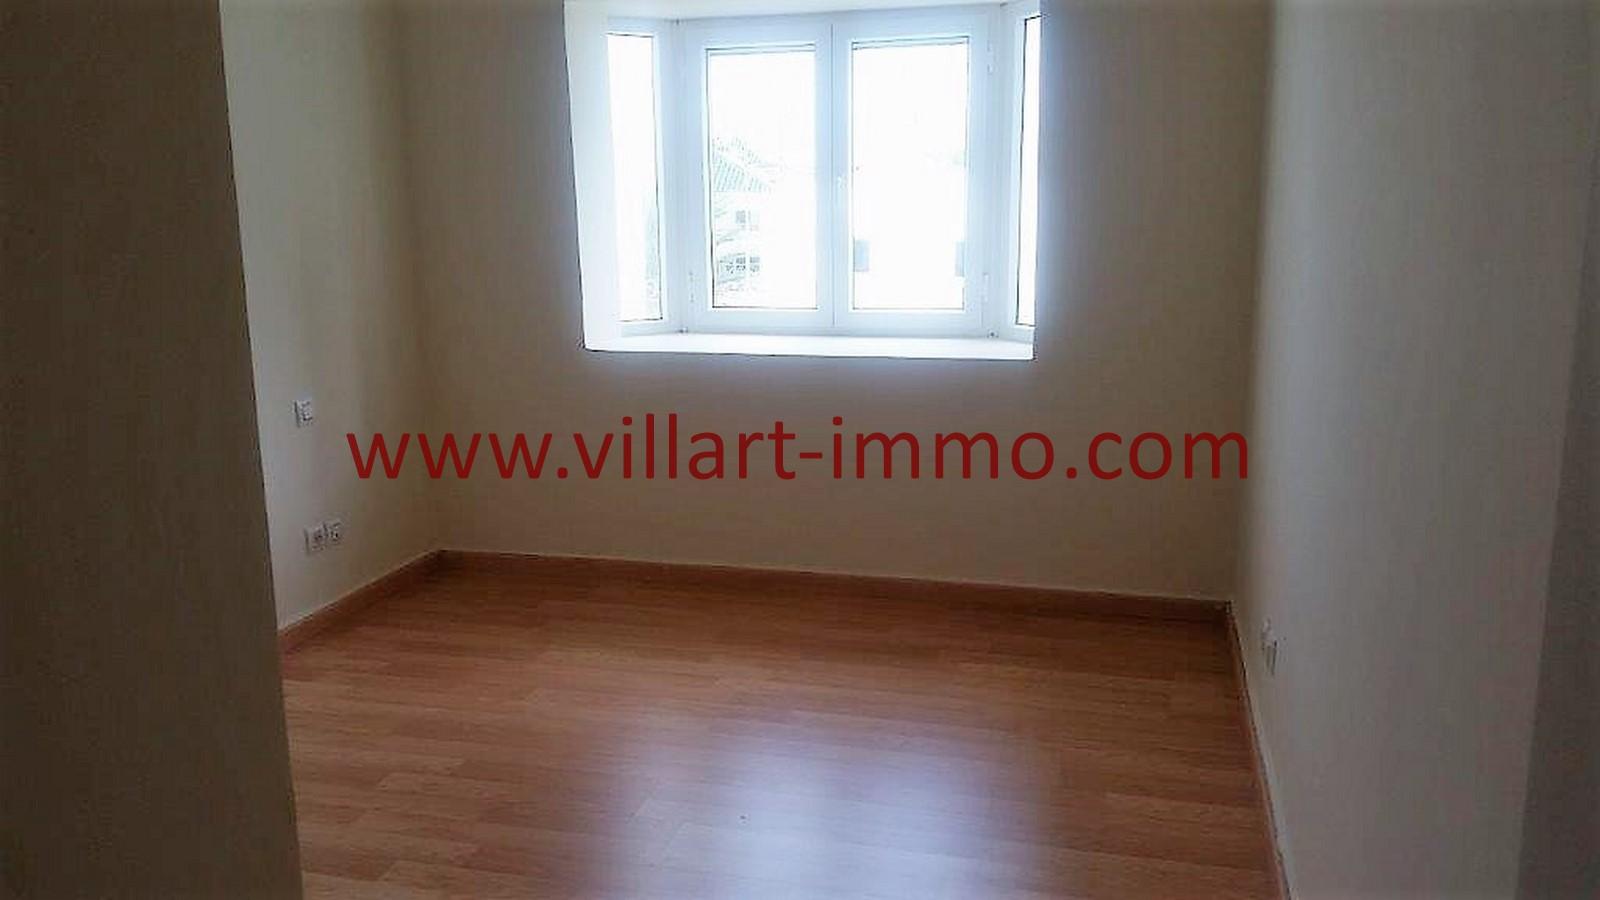 9-Location-appartement-Non meublé-Tanger-Californie-Chambre principale-L1028